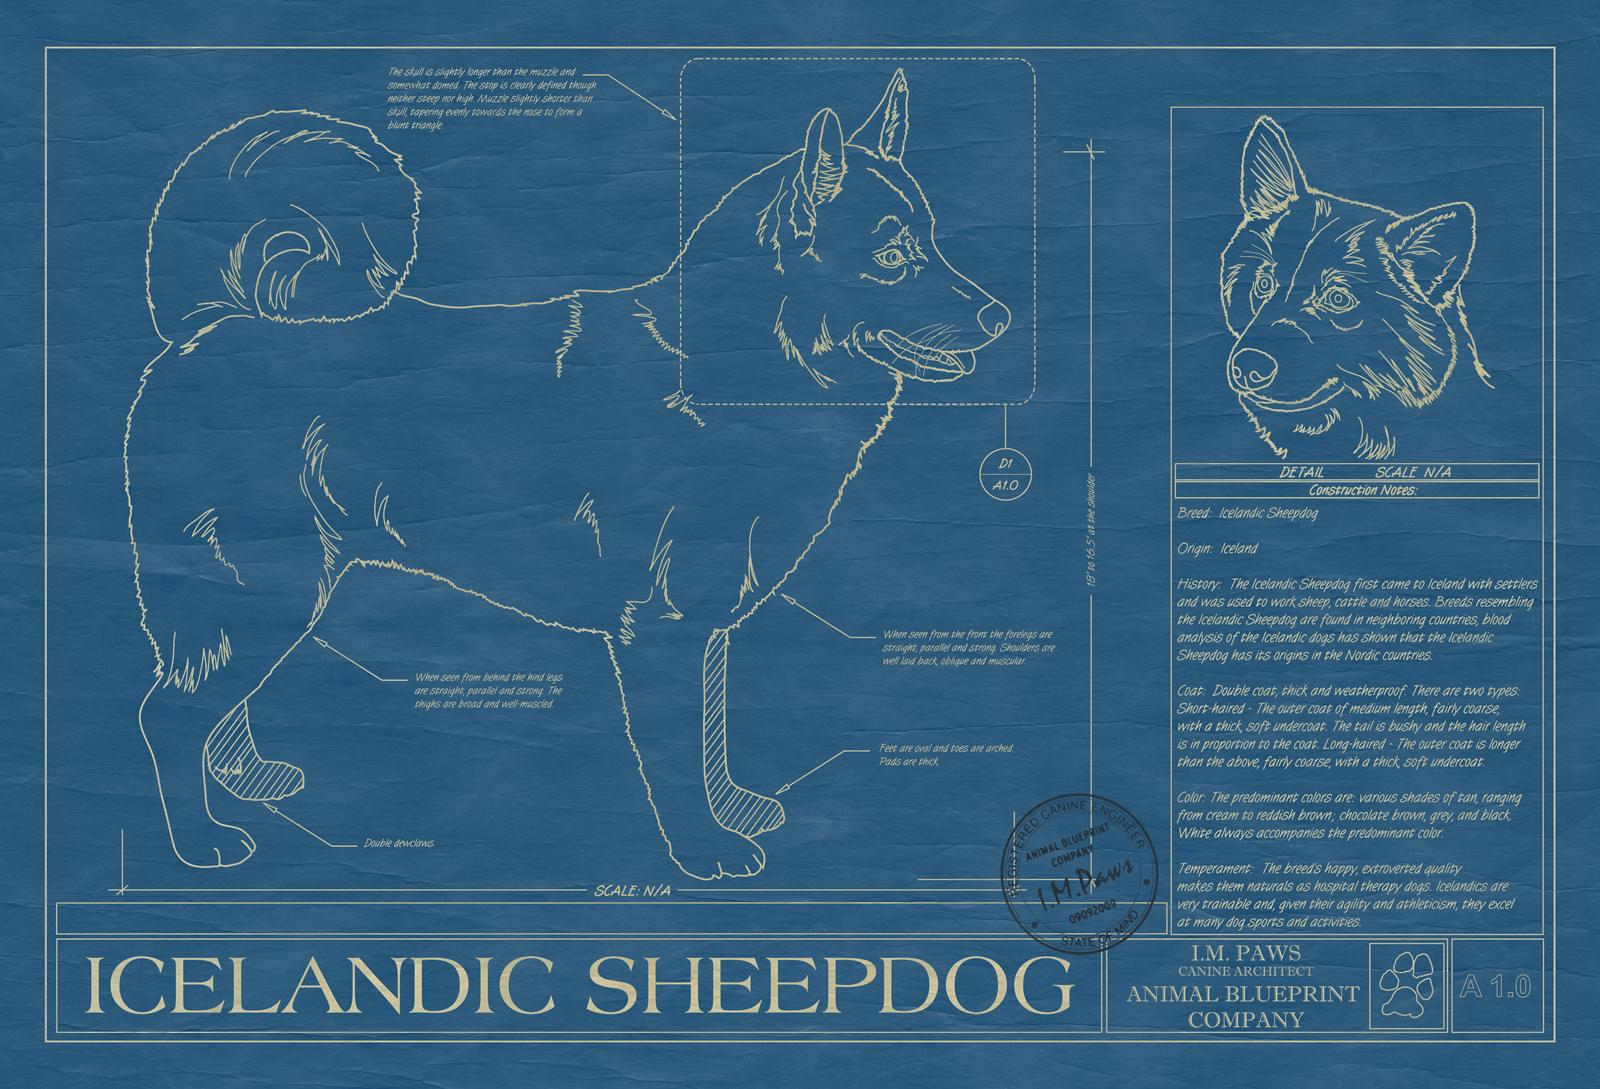 Icelandic sheepdog animal blueprint company icelandic sheepdog dog blueprint malvernweather Images